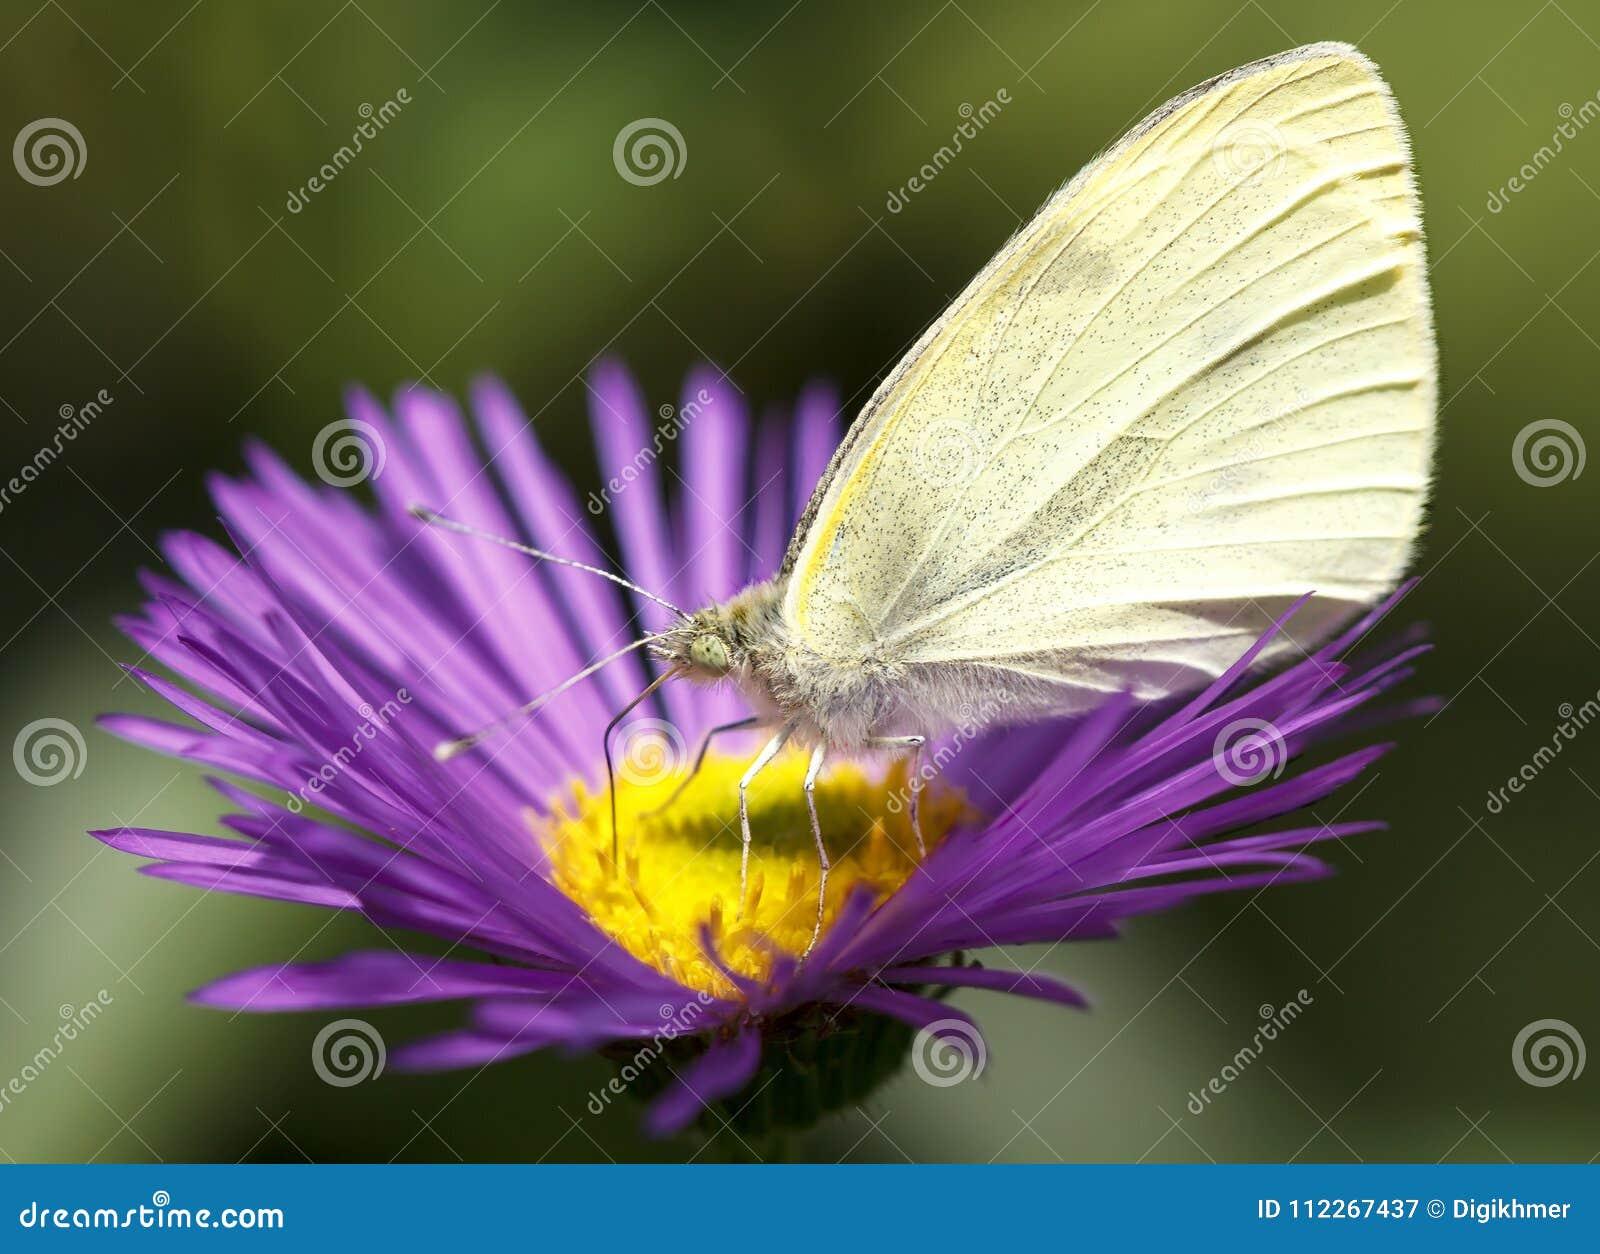 Pieris Brassicae butterfly